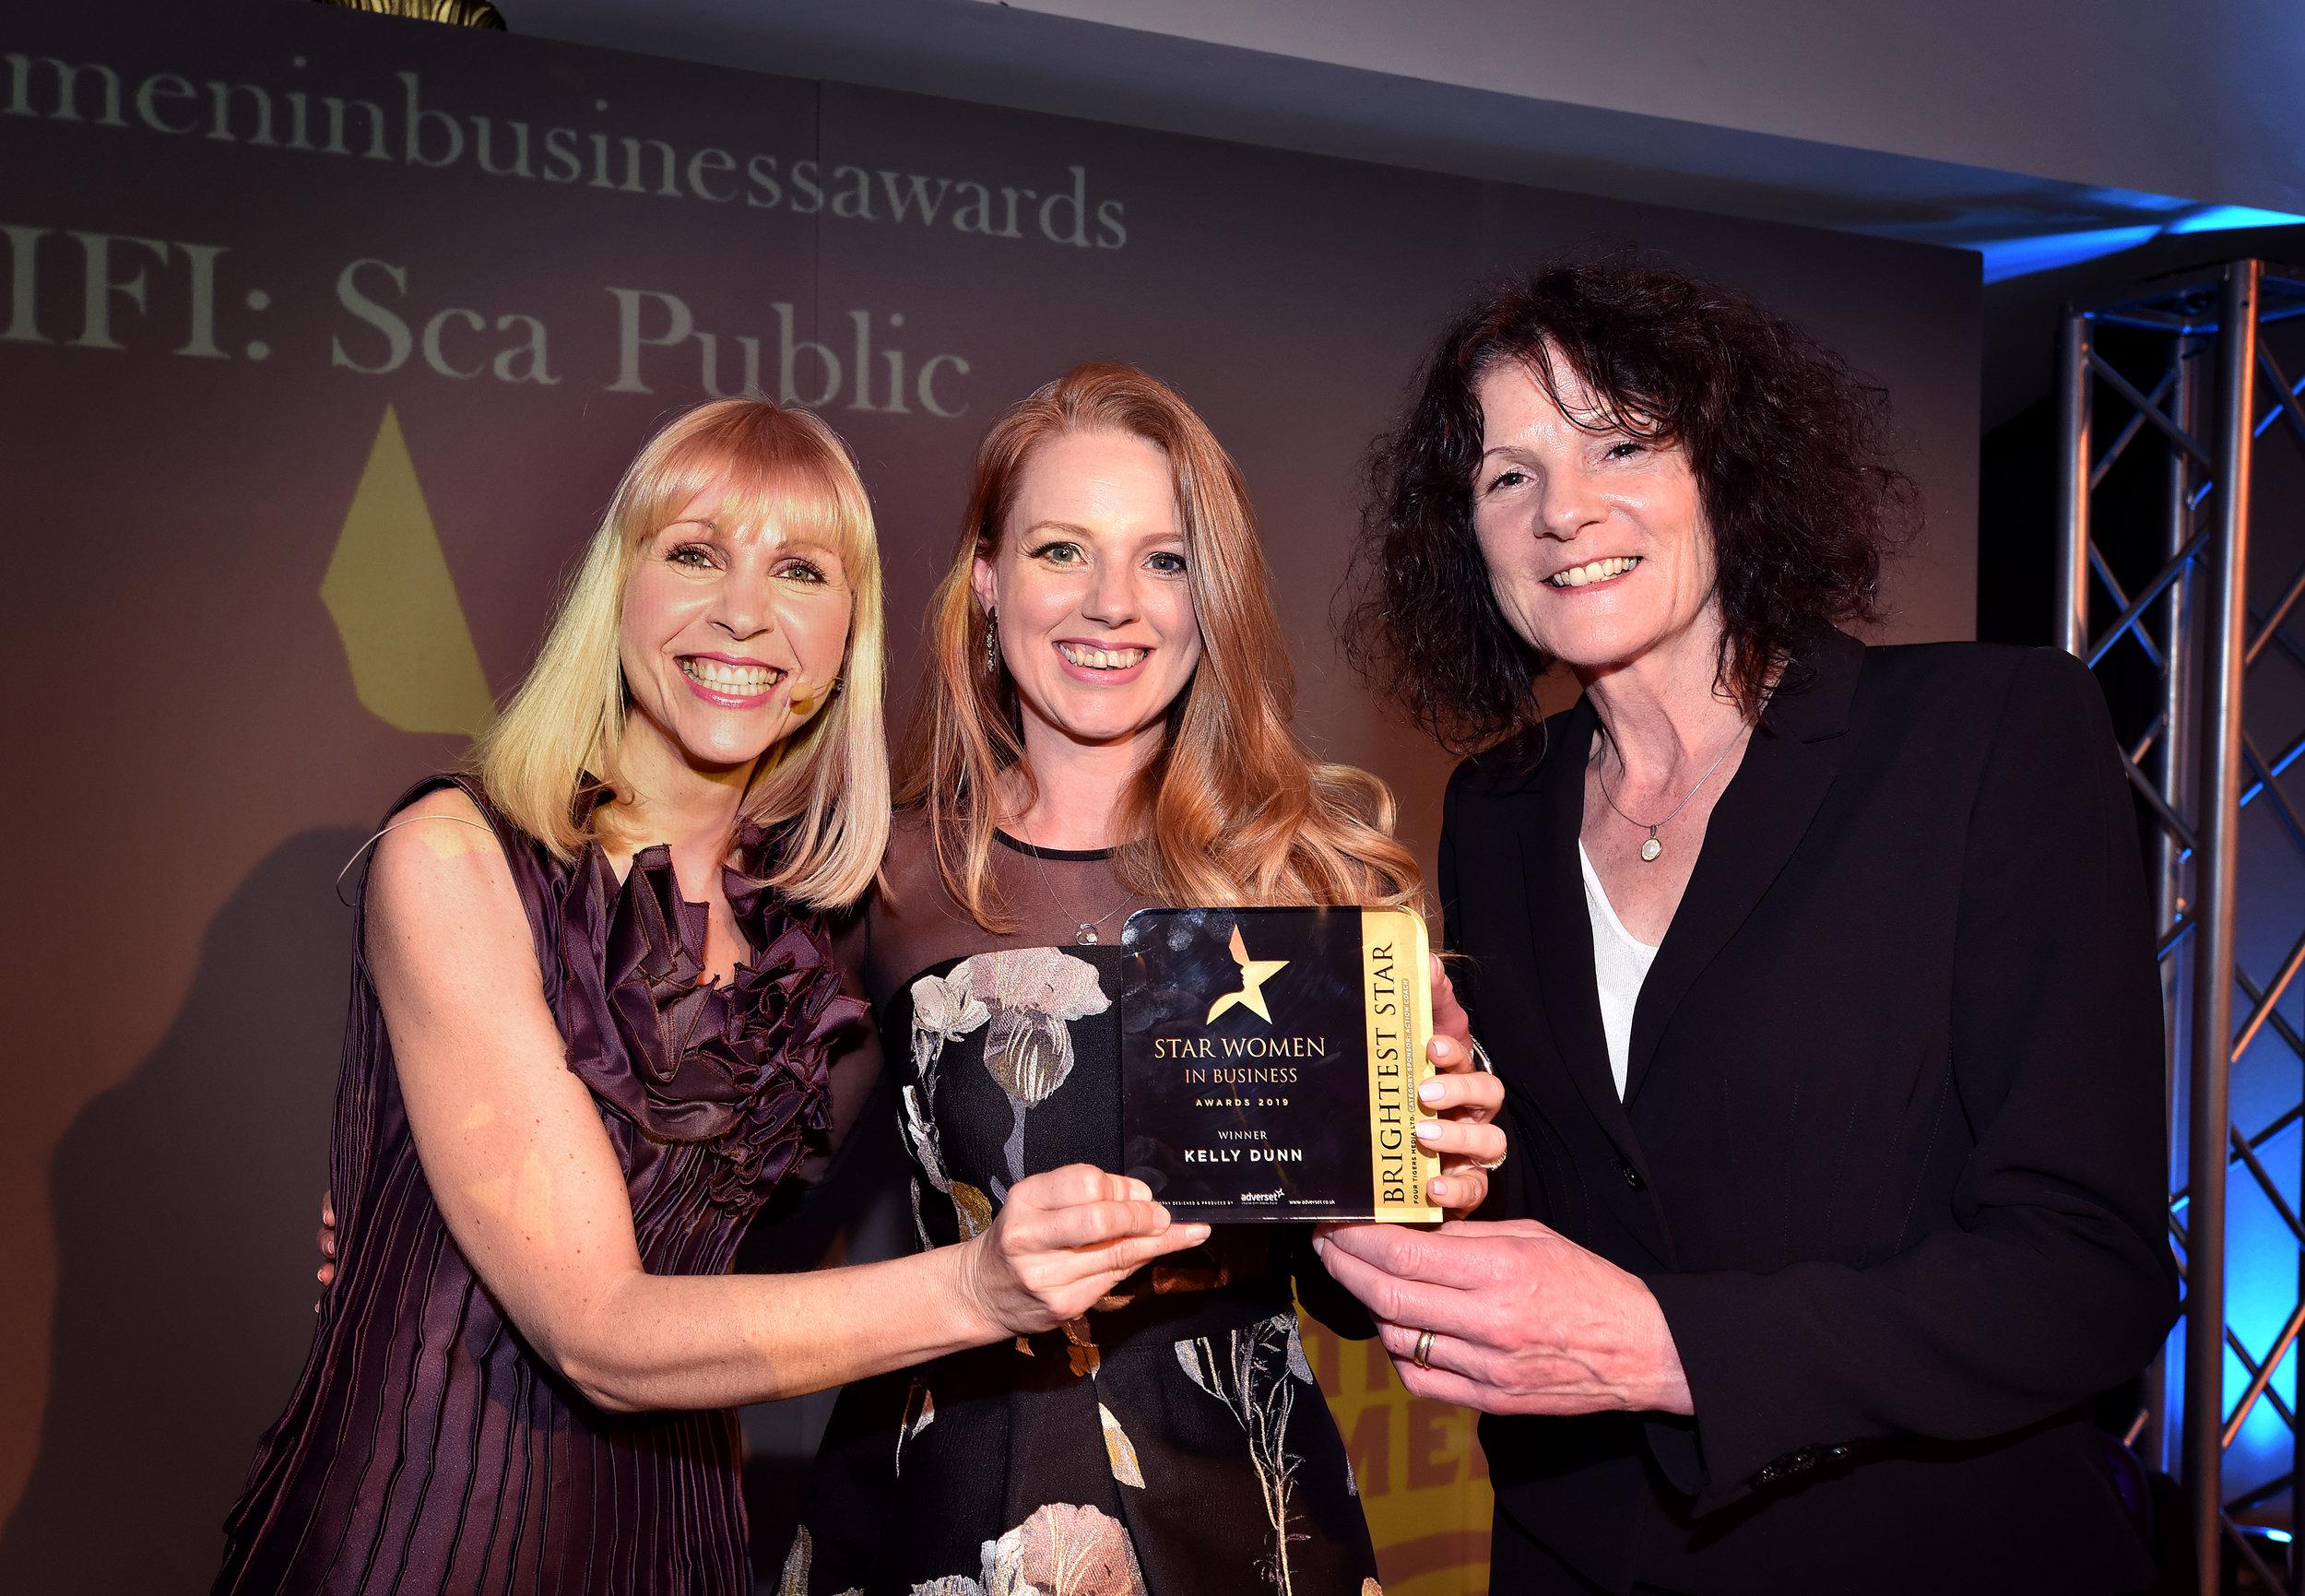 awards b rp.jpg